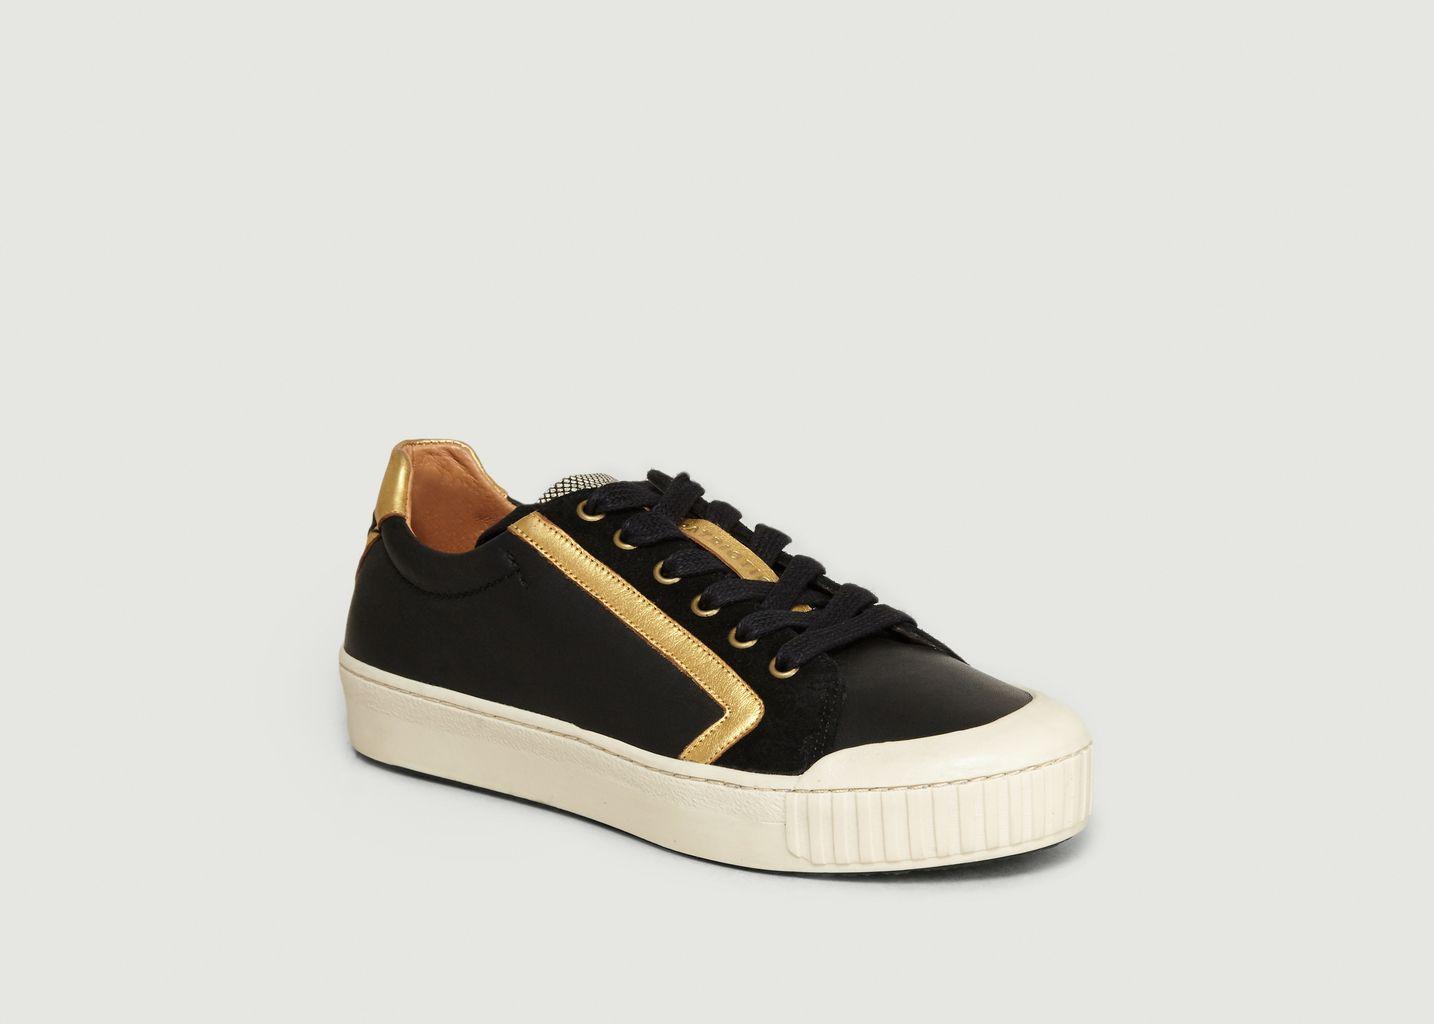 Sneakers X-Delta Run Nappa - Patriotic